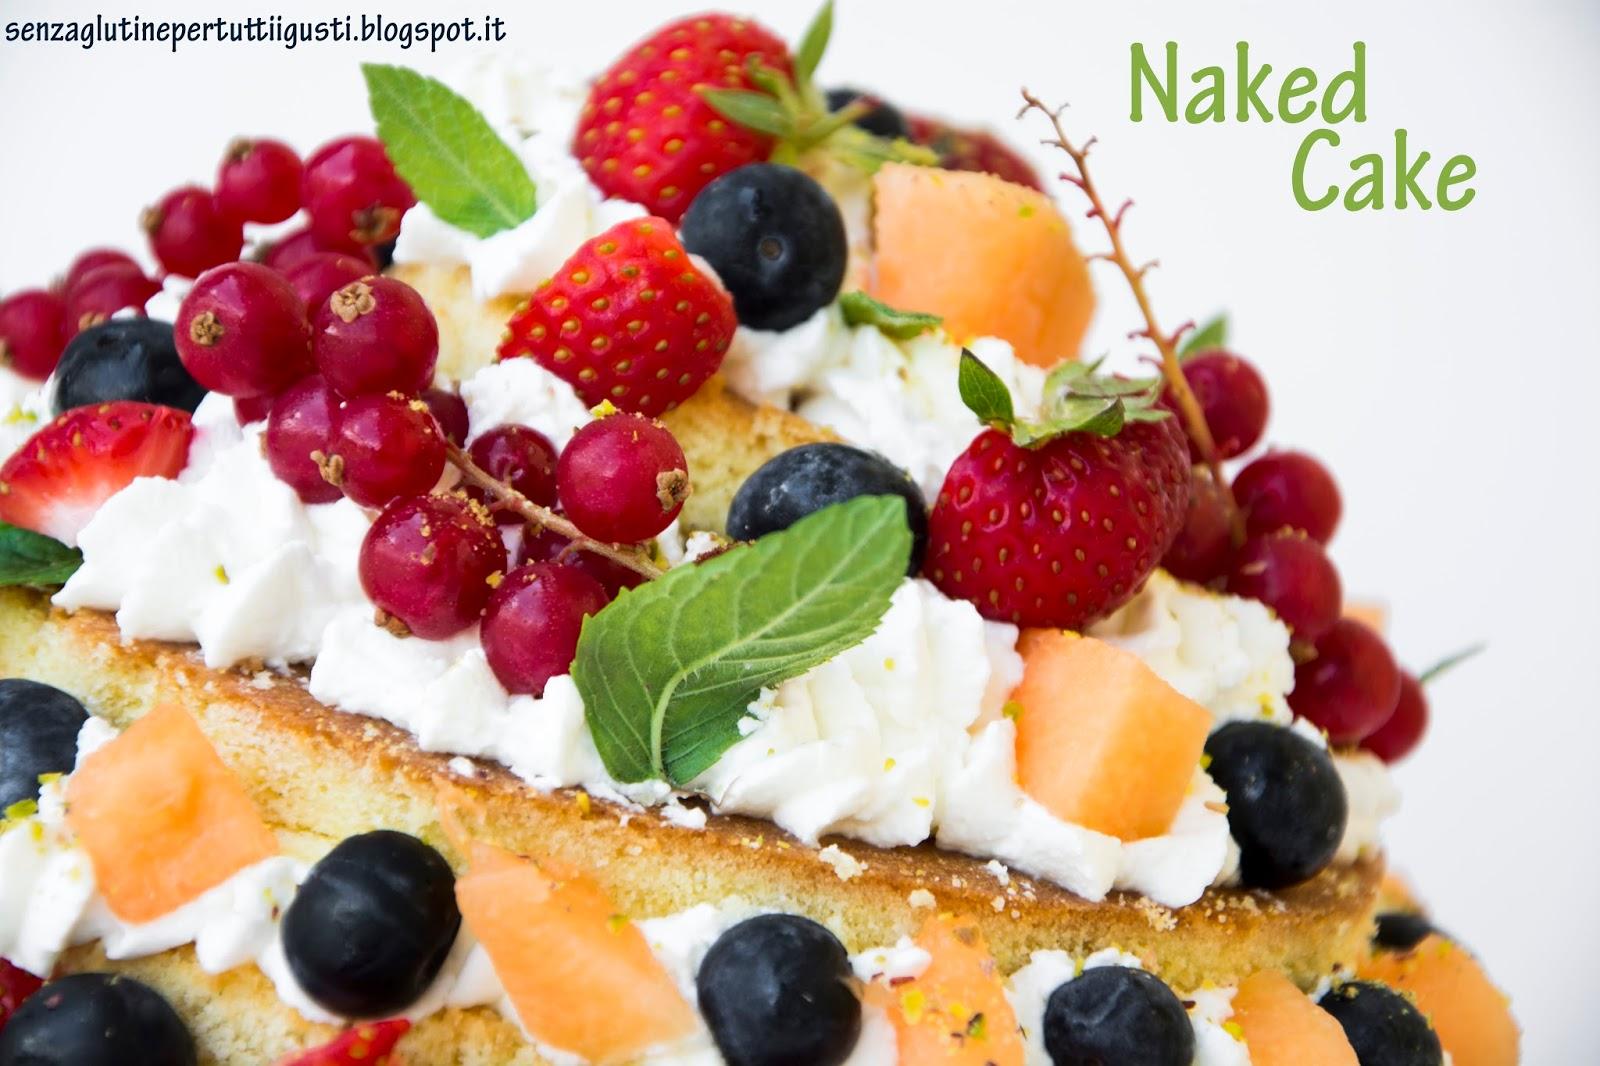 Ricetta Naked cake con crema al cioccolato e lamponi | Dolcidee